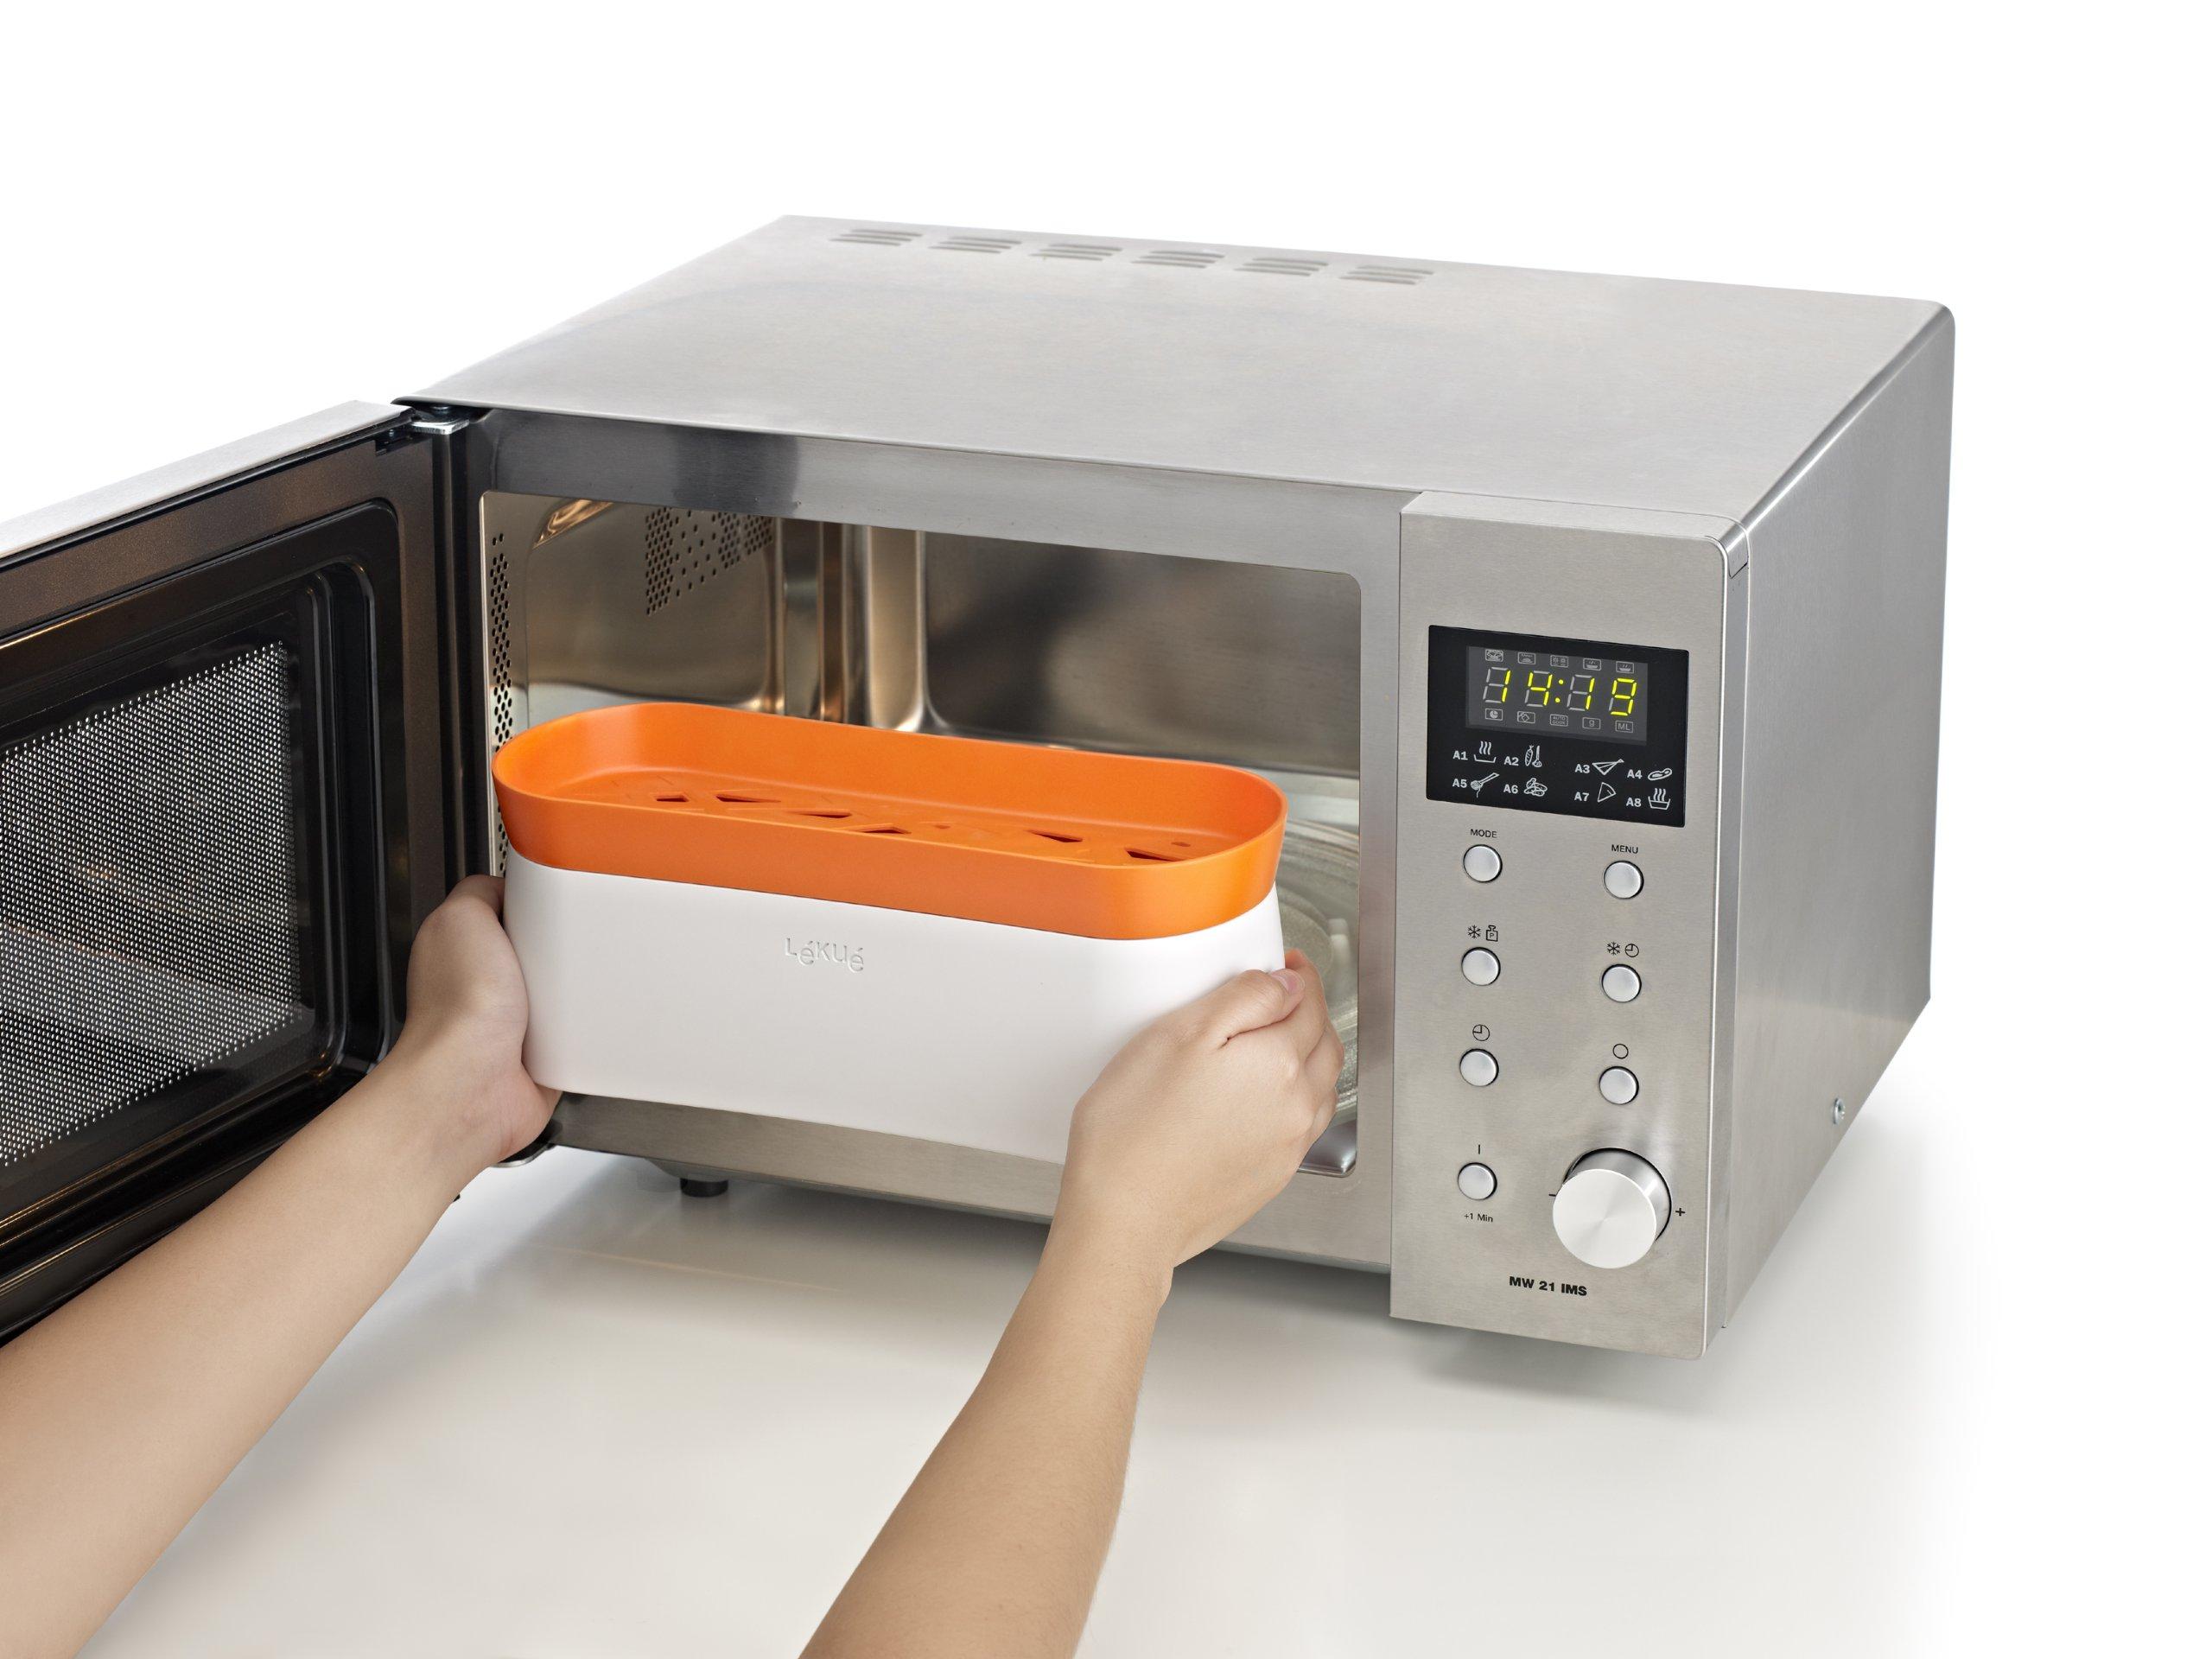 Lekue Pasta Cooker, Model # 0200702N07M017, Orange by Lekue (Image #5)